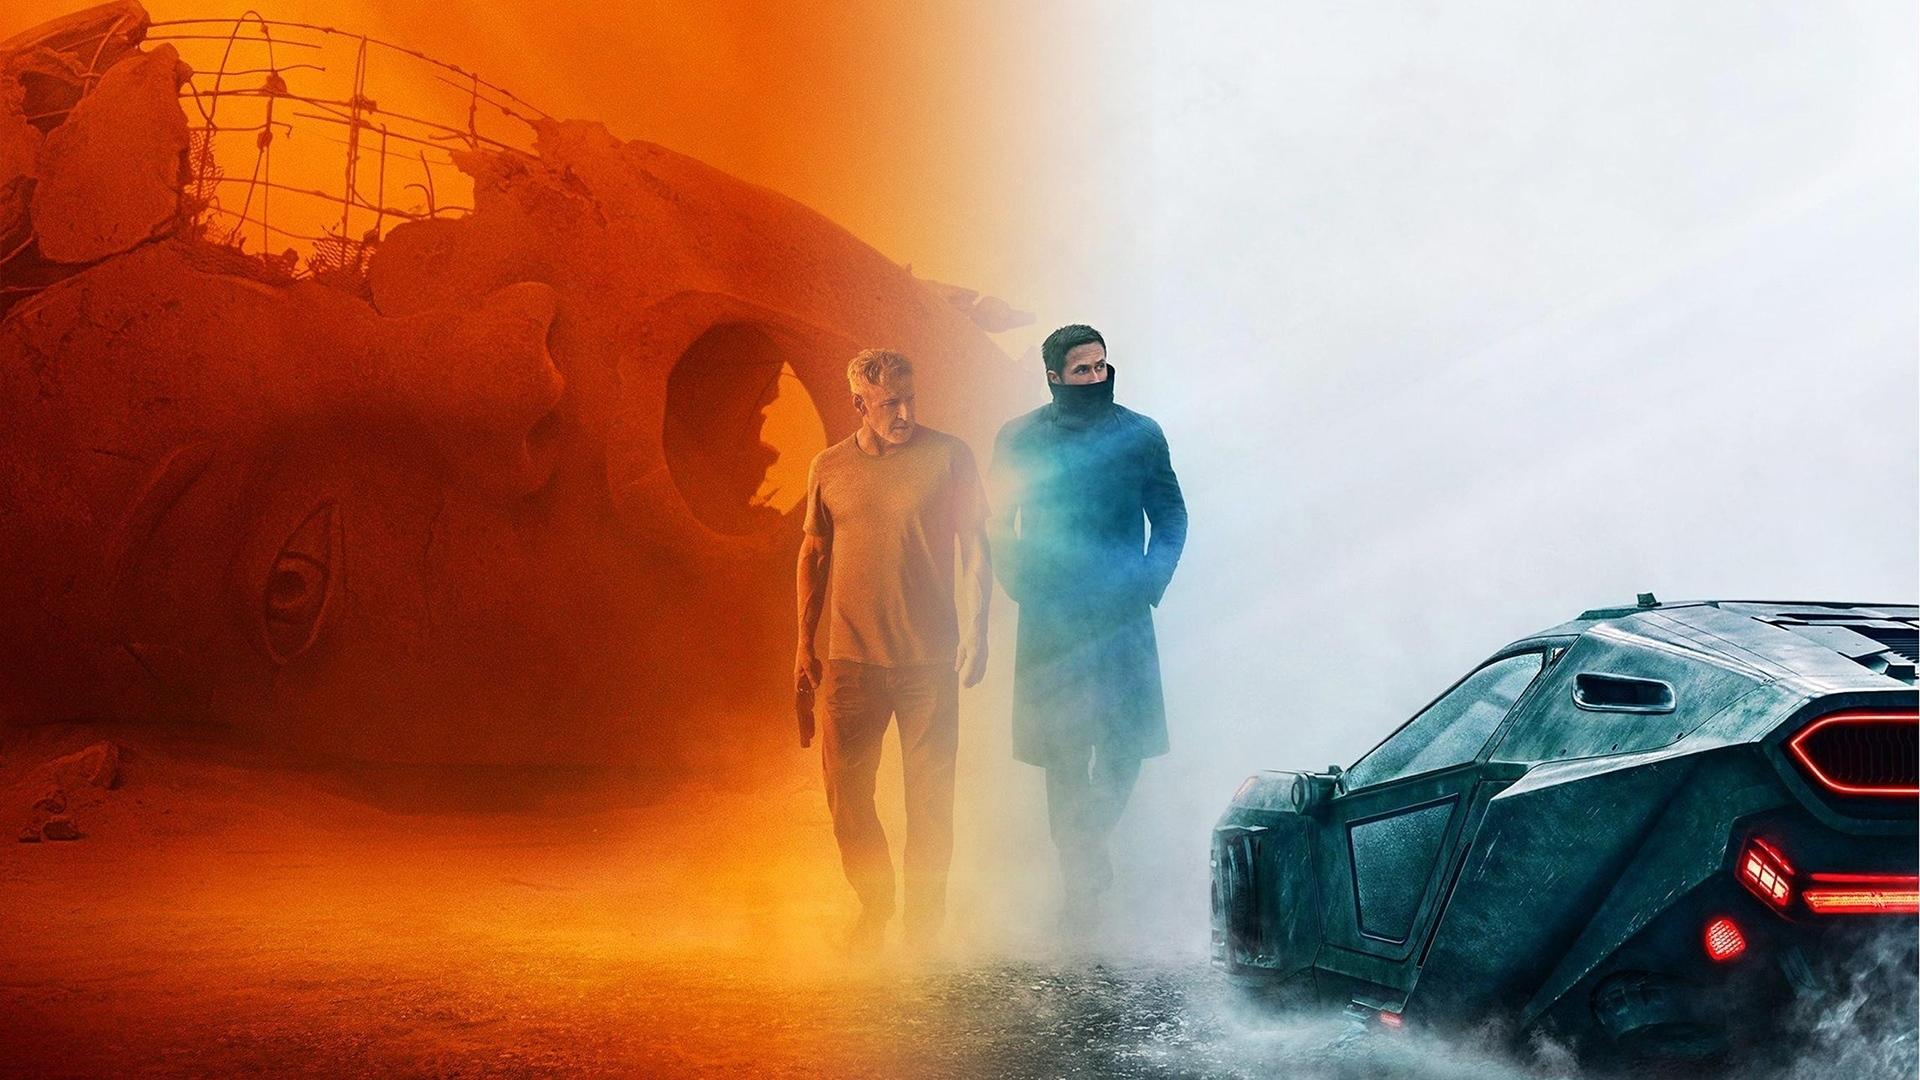 В фильме «Бегущий по лезвию 2049» используется огромное количество CGI-графики